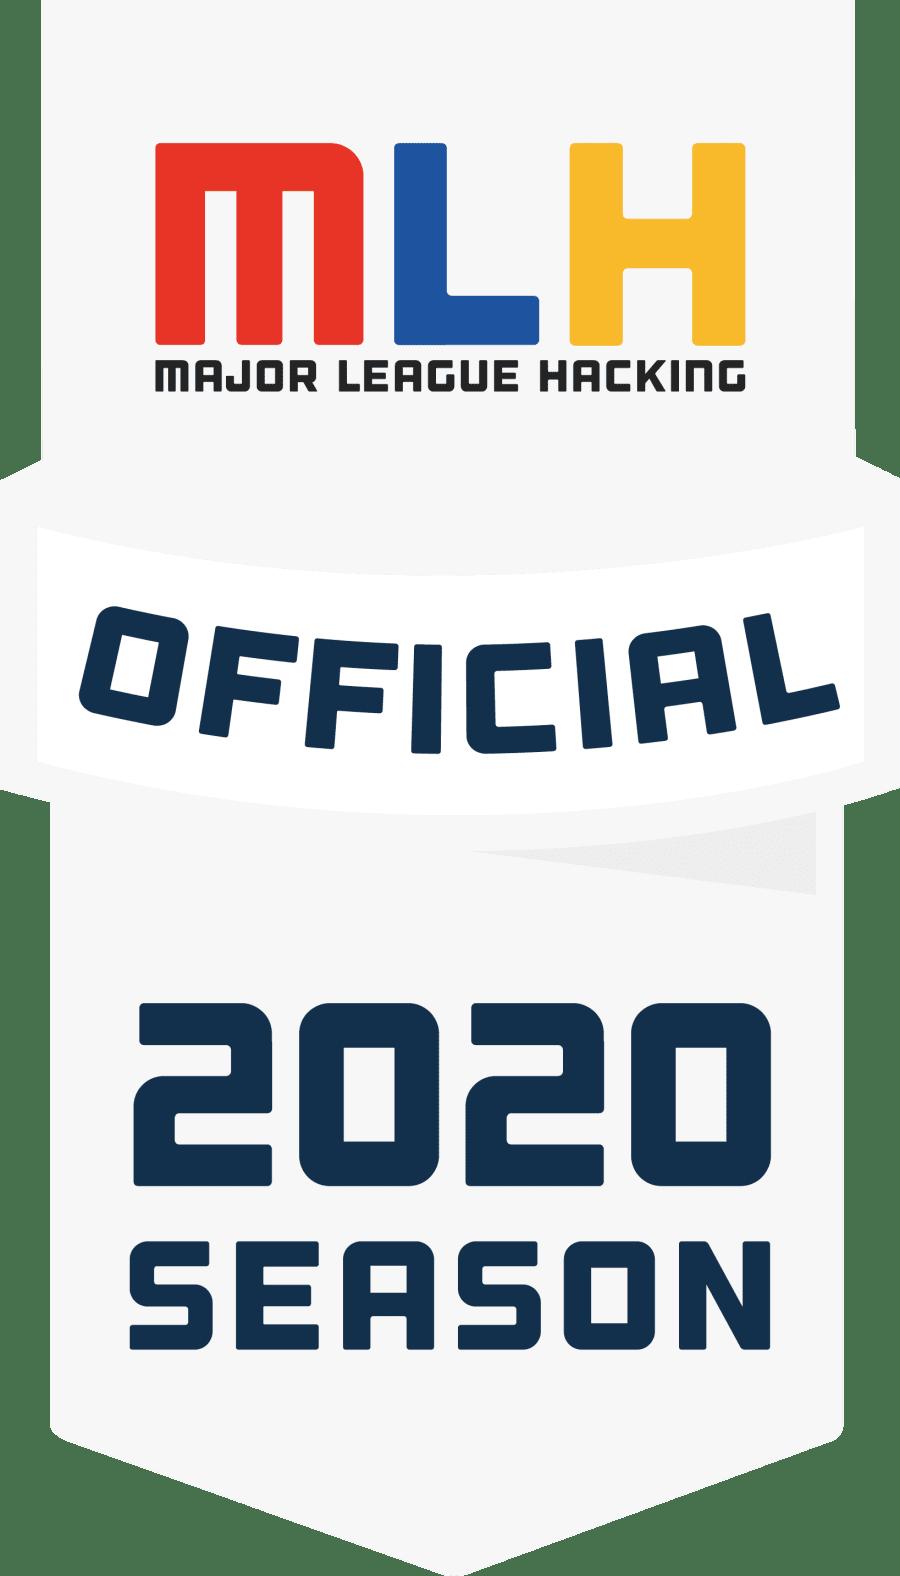 Major League Hacking 2020 Hackathon Season